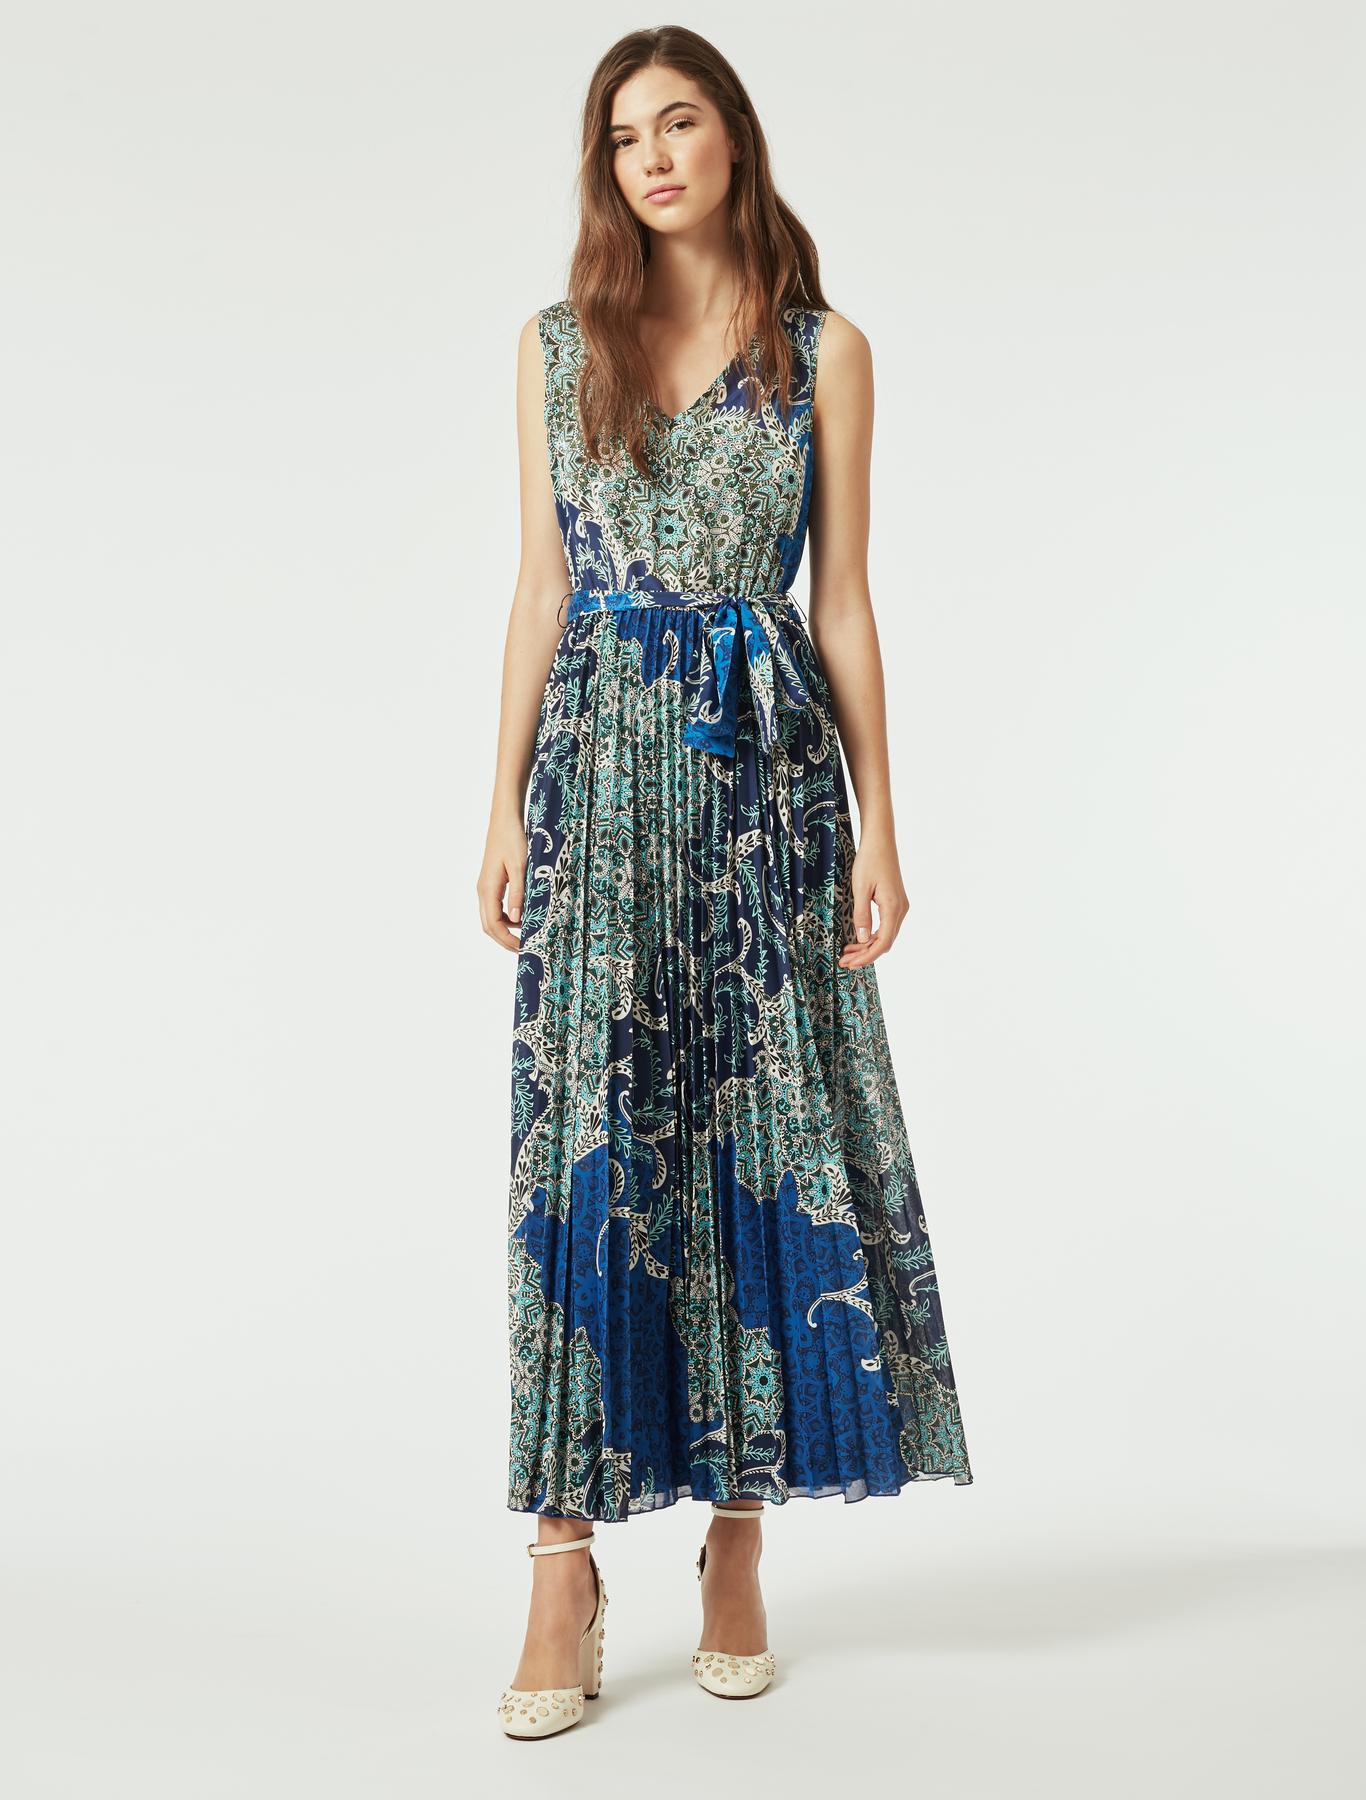 Bedrucktes Kleid aus Jersey und Seide, marinenblaues muster - Max Co. 4db0c7fa8d